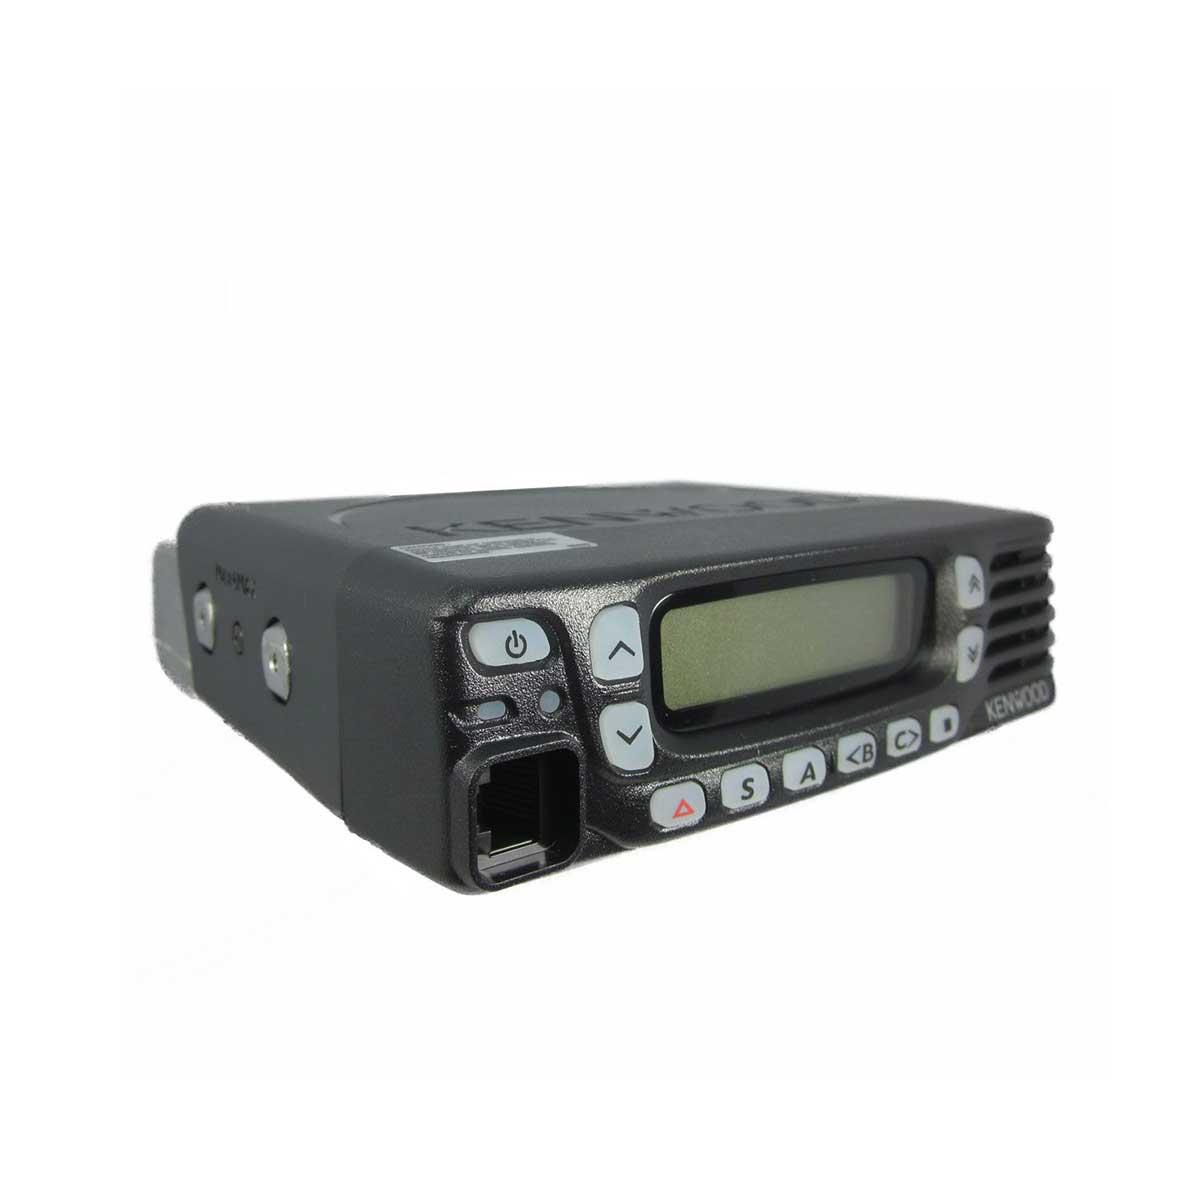 Radio Kenwood TK-8360H Analógico UHF 450-520 MHz